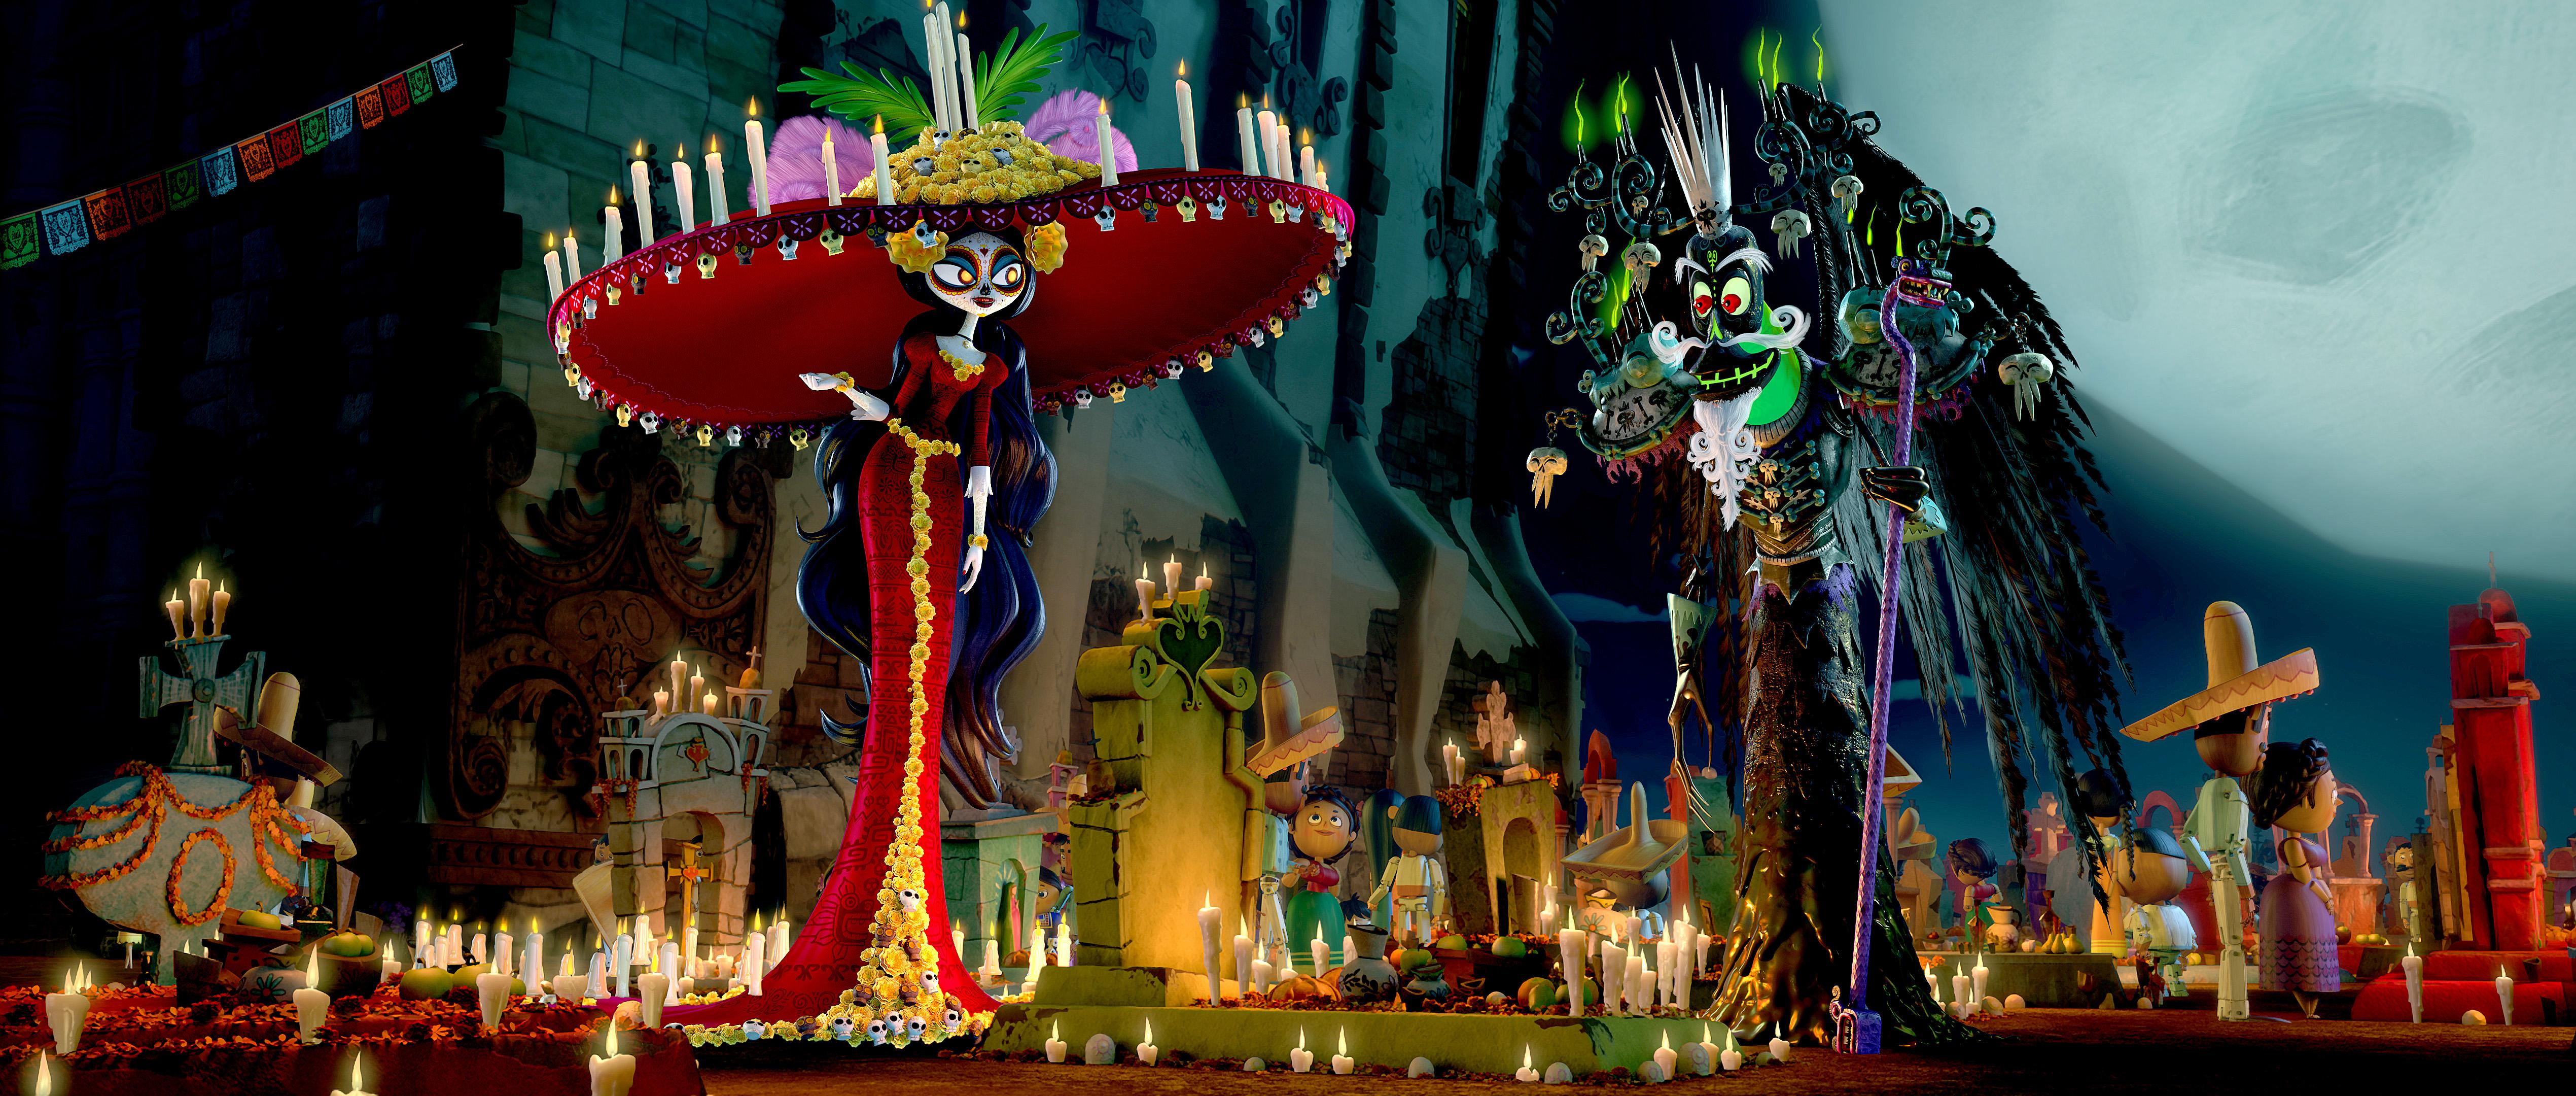 La legende de Manolo - La Muerte et Xibalba